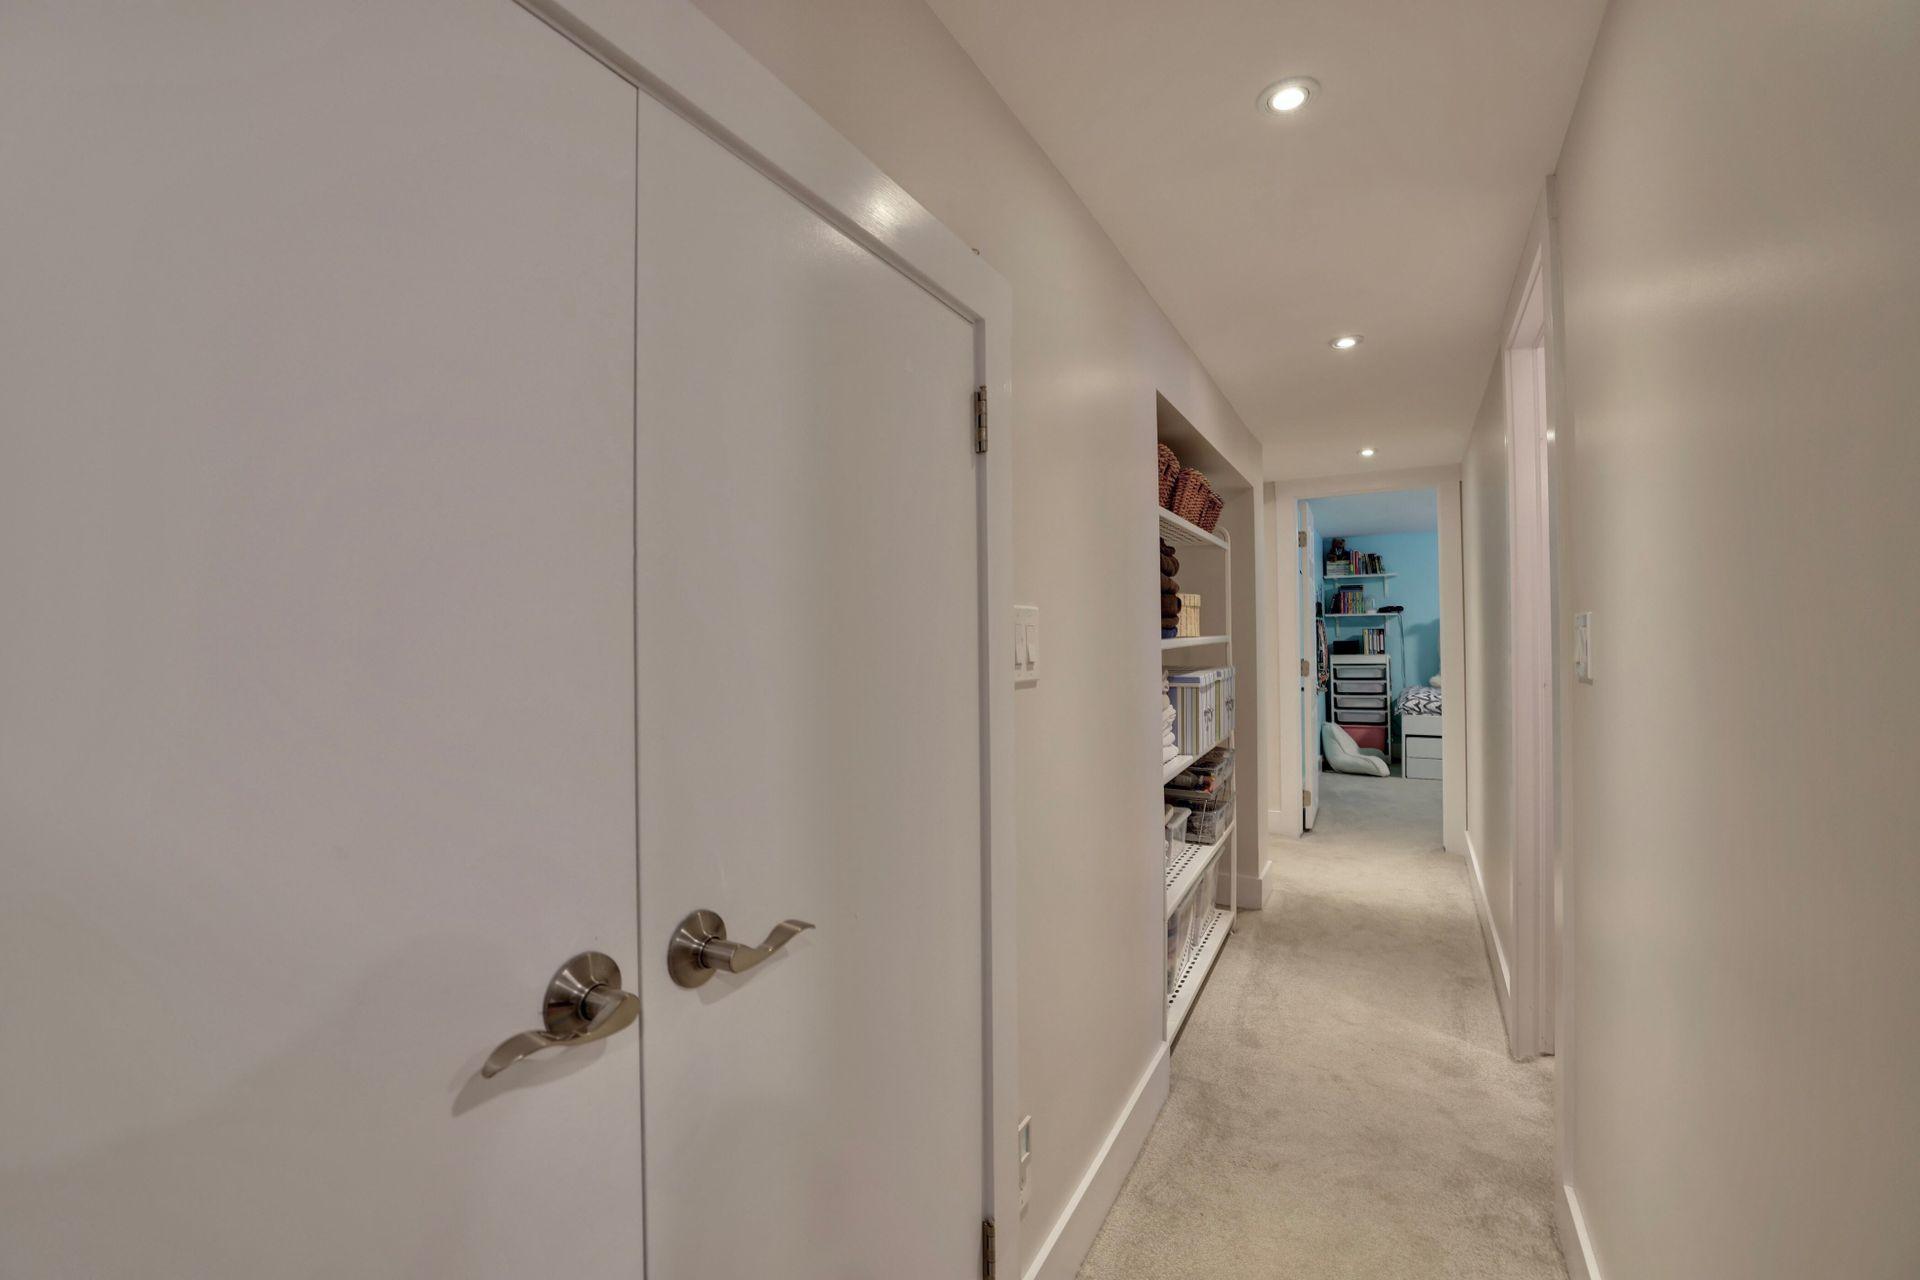 249-lakeview-ave-burlington-storage at 249 Lakeview Ave, Burlington,